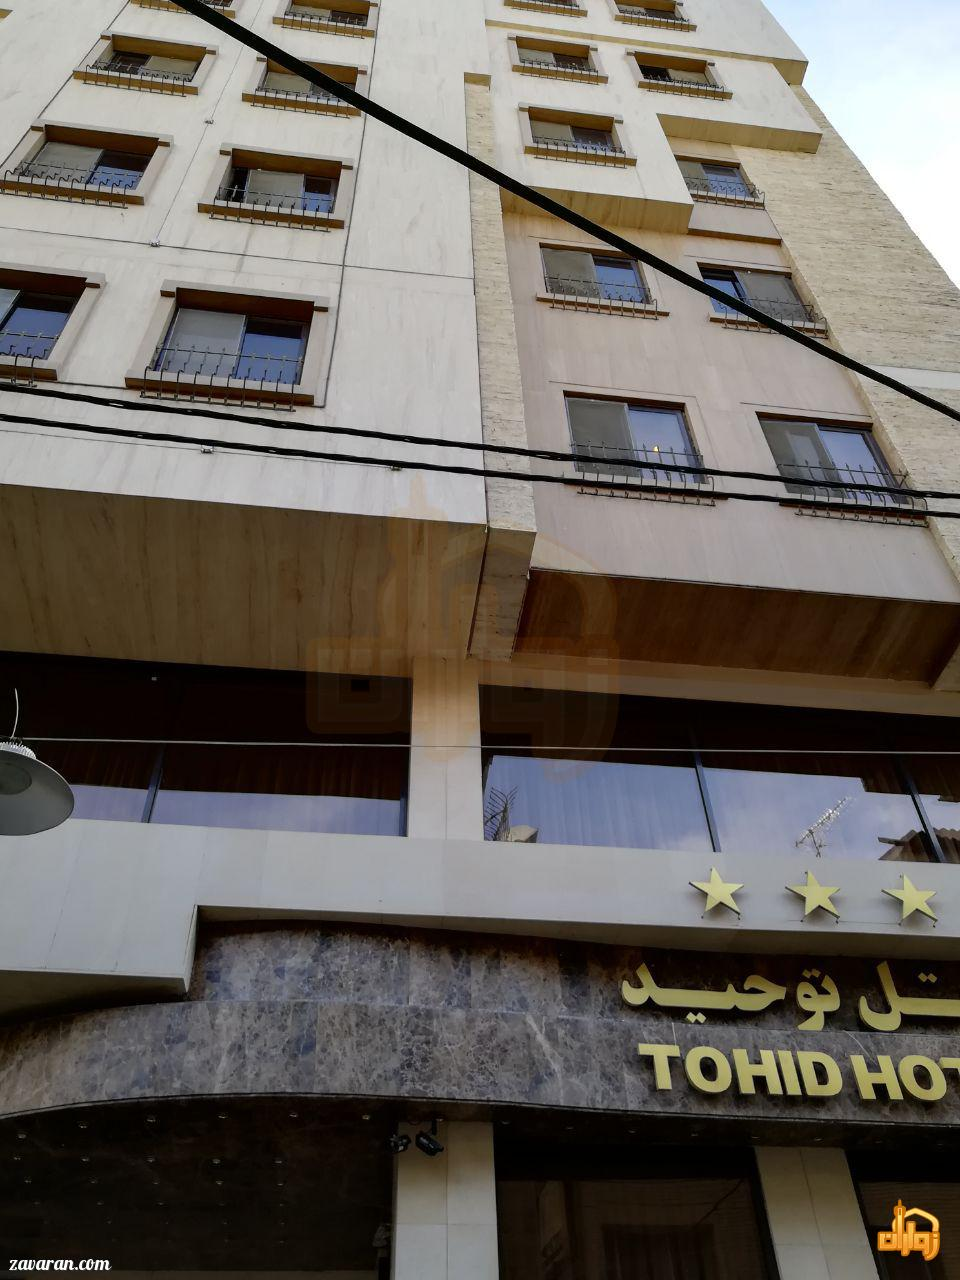 ساختمان هتل توحید نوین مشهد